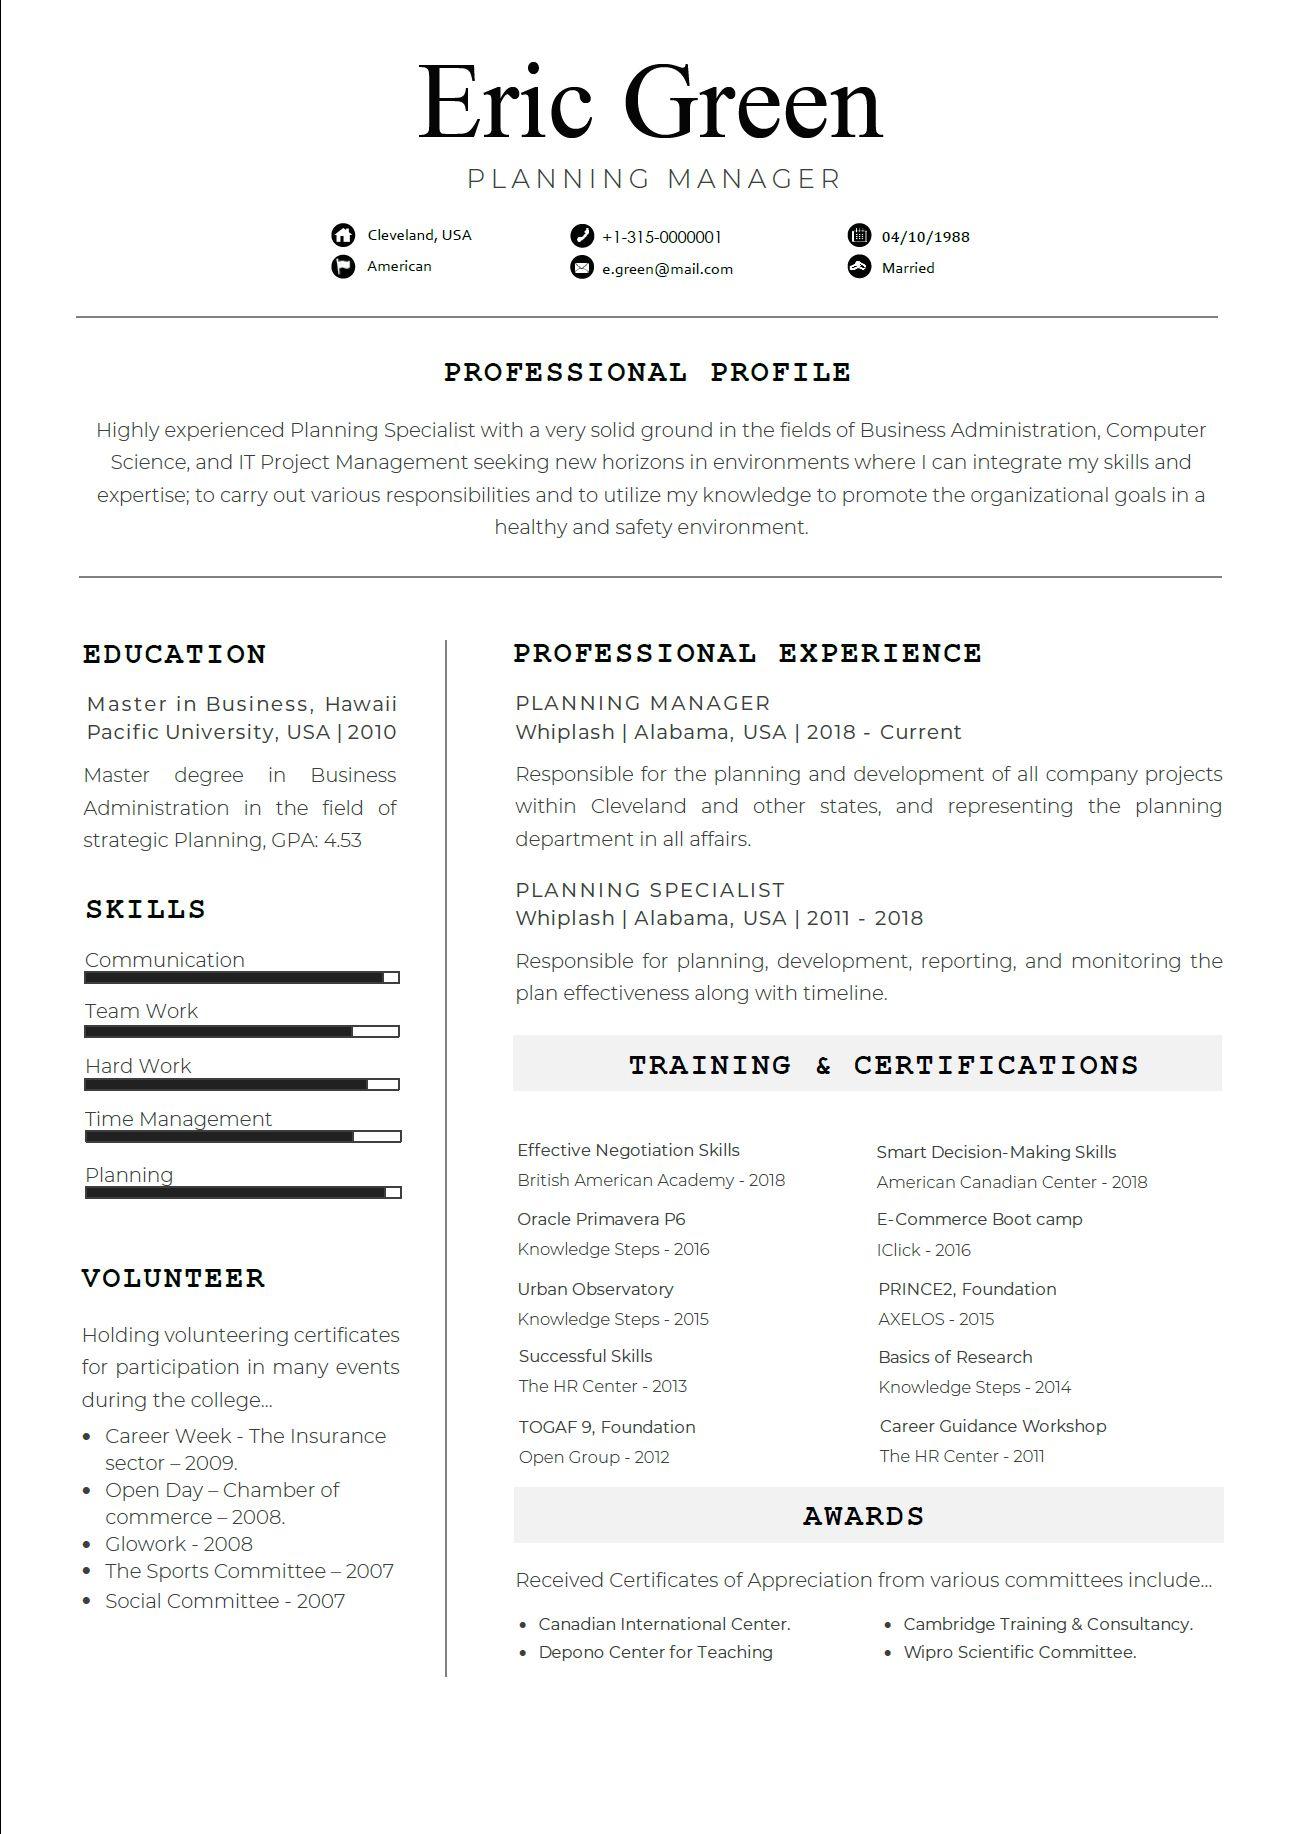 Consilio Professional Resume Template ResumesMag